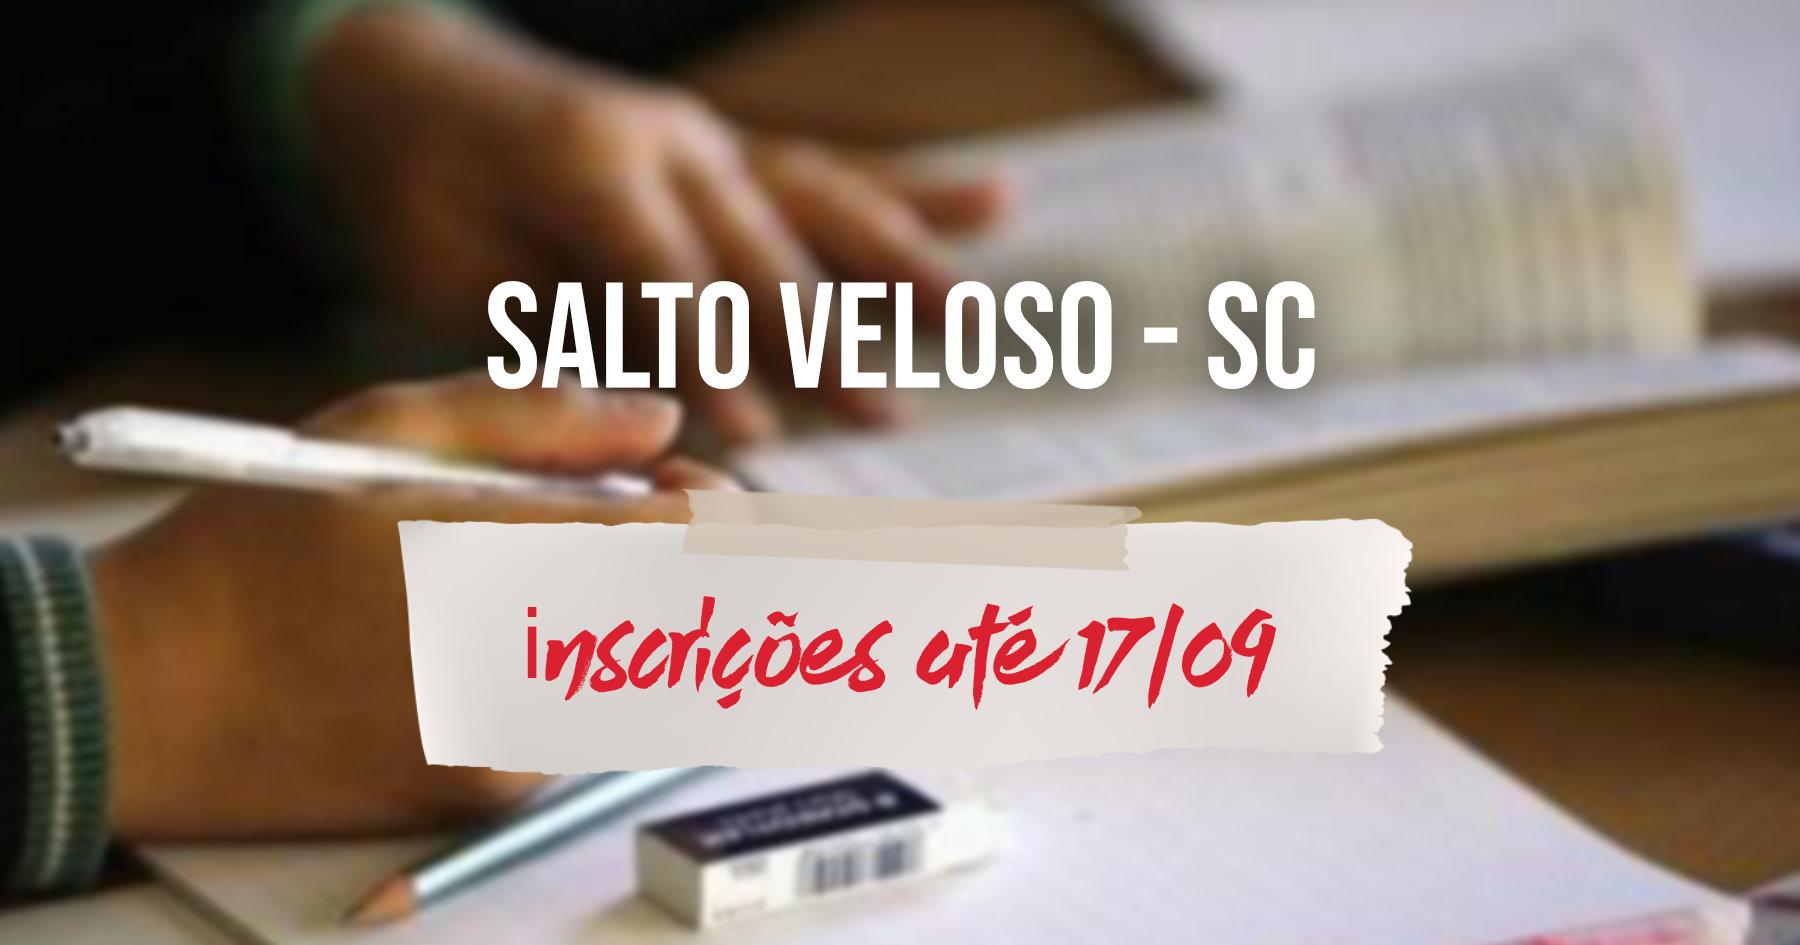 Seleção | Salto Veloso (SC) prorroga inscrições